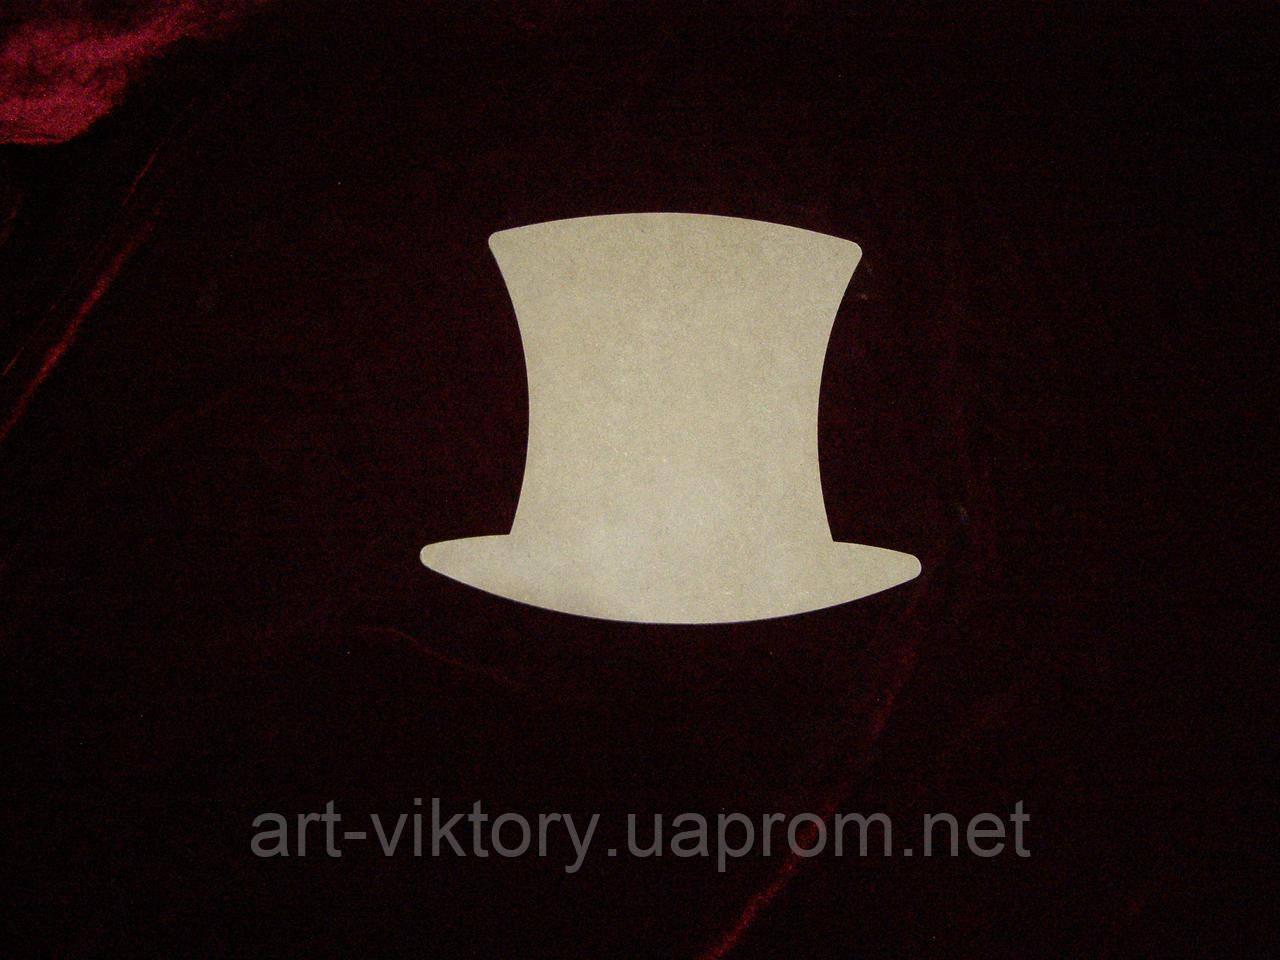 Шляпа (22 х 20 см), декор